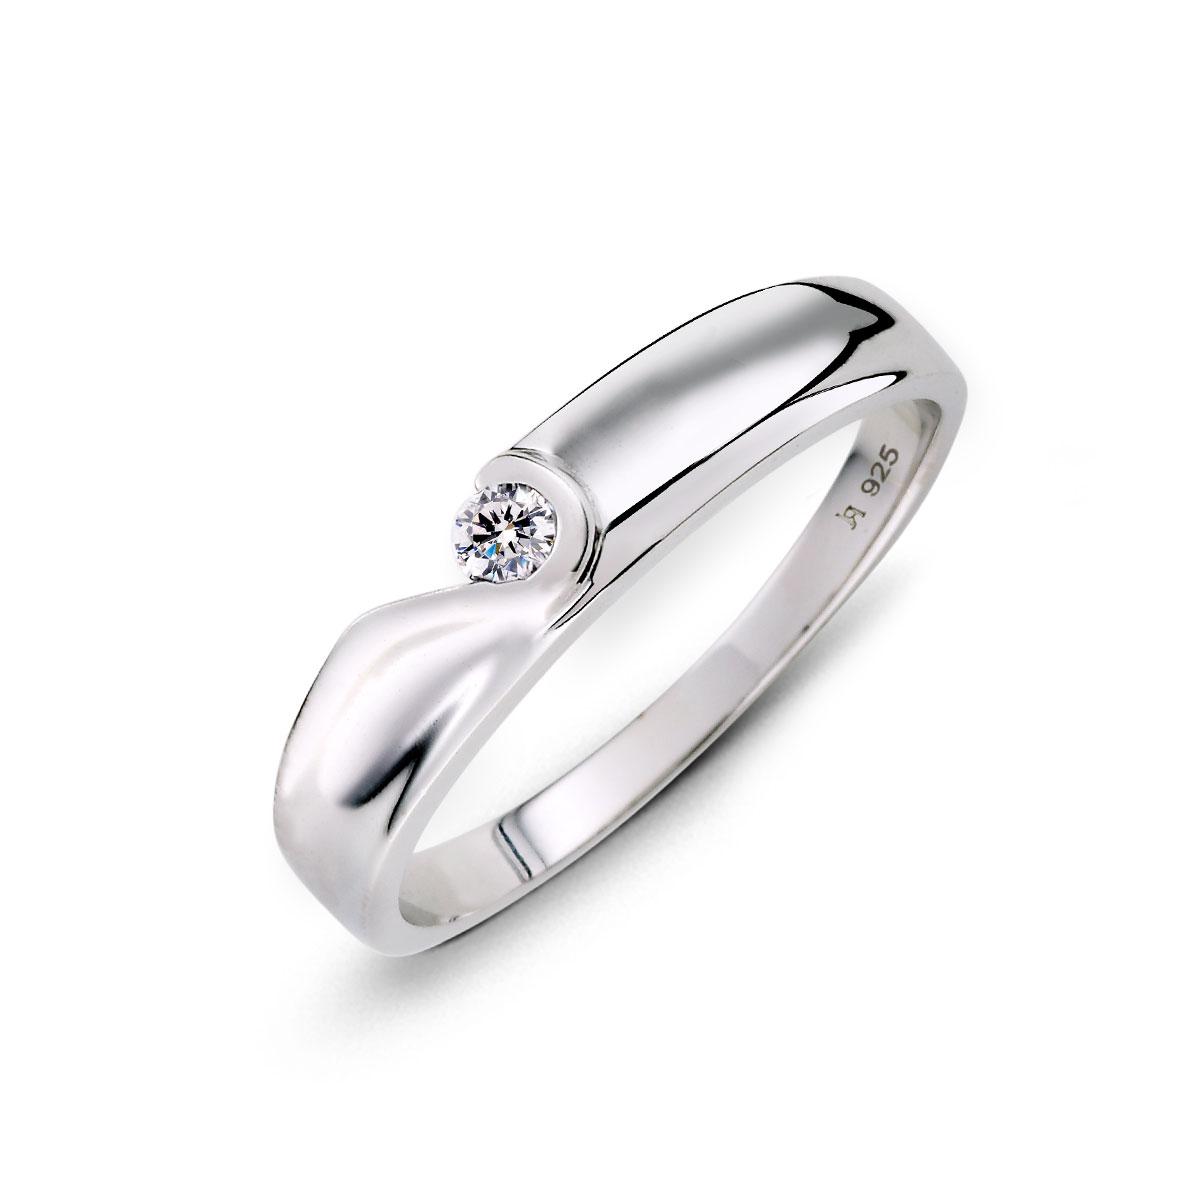 KSW253 我們的愛心型組合式戒指